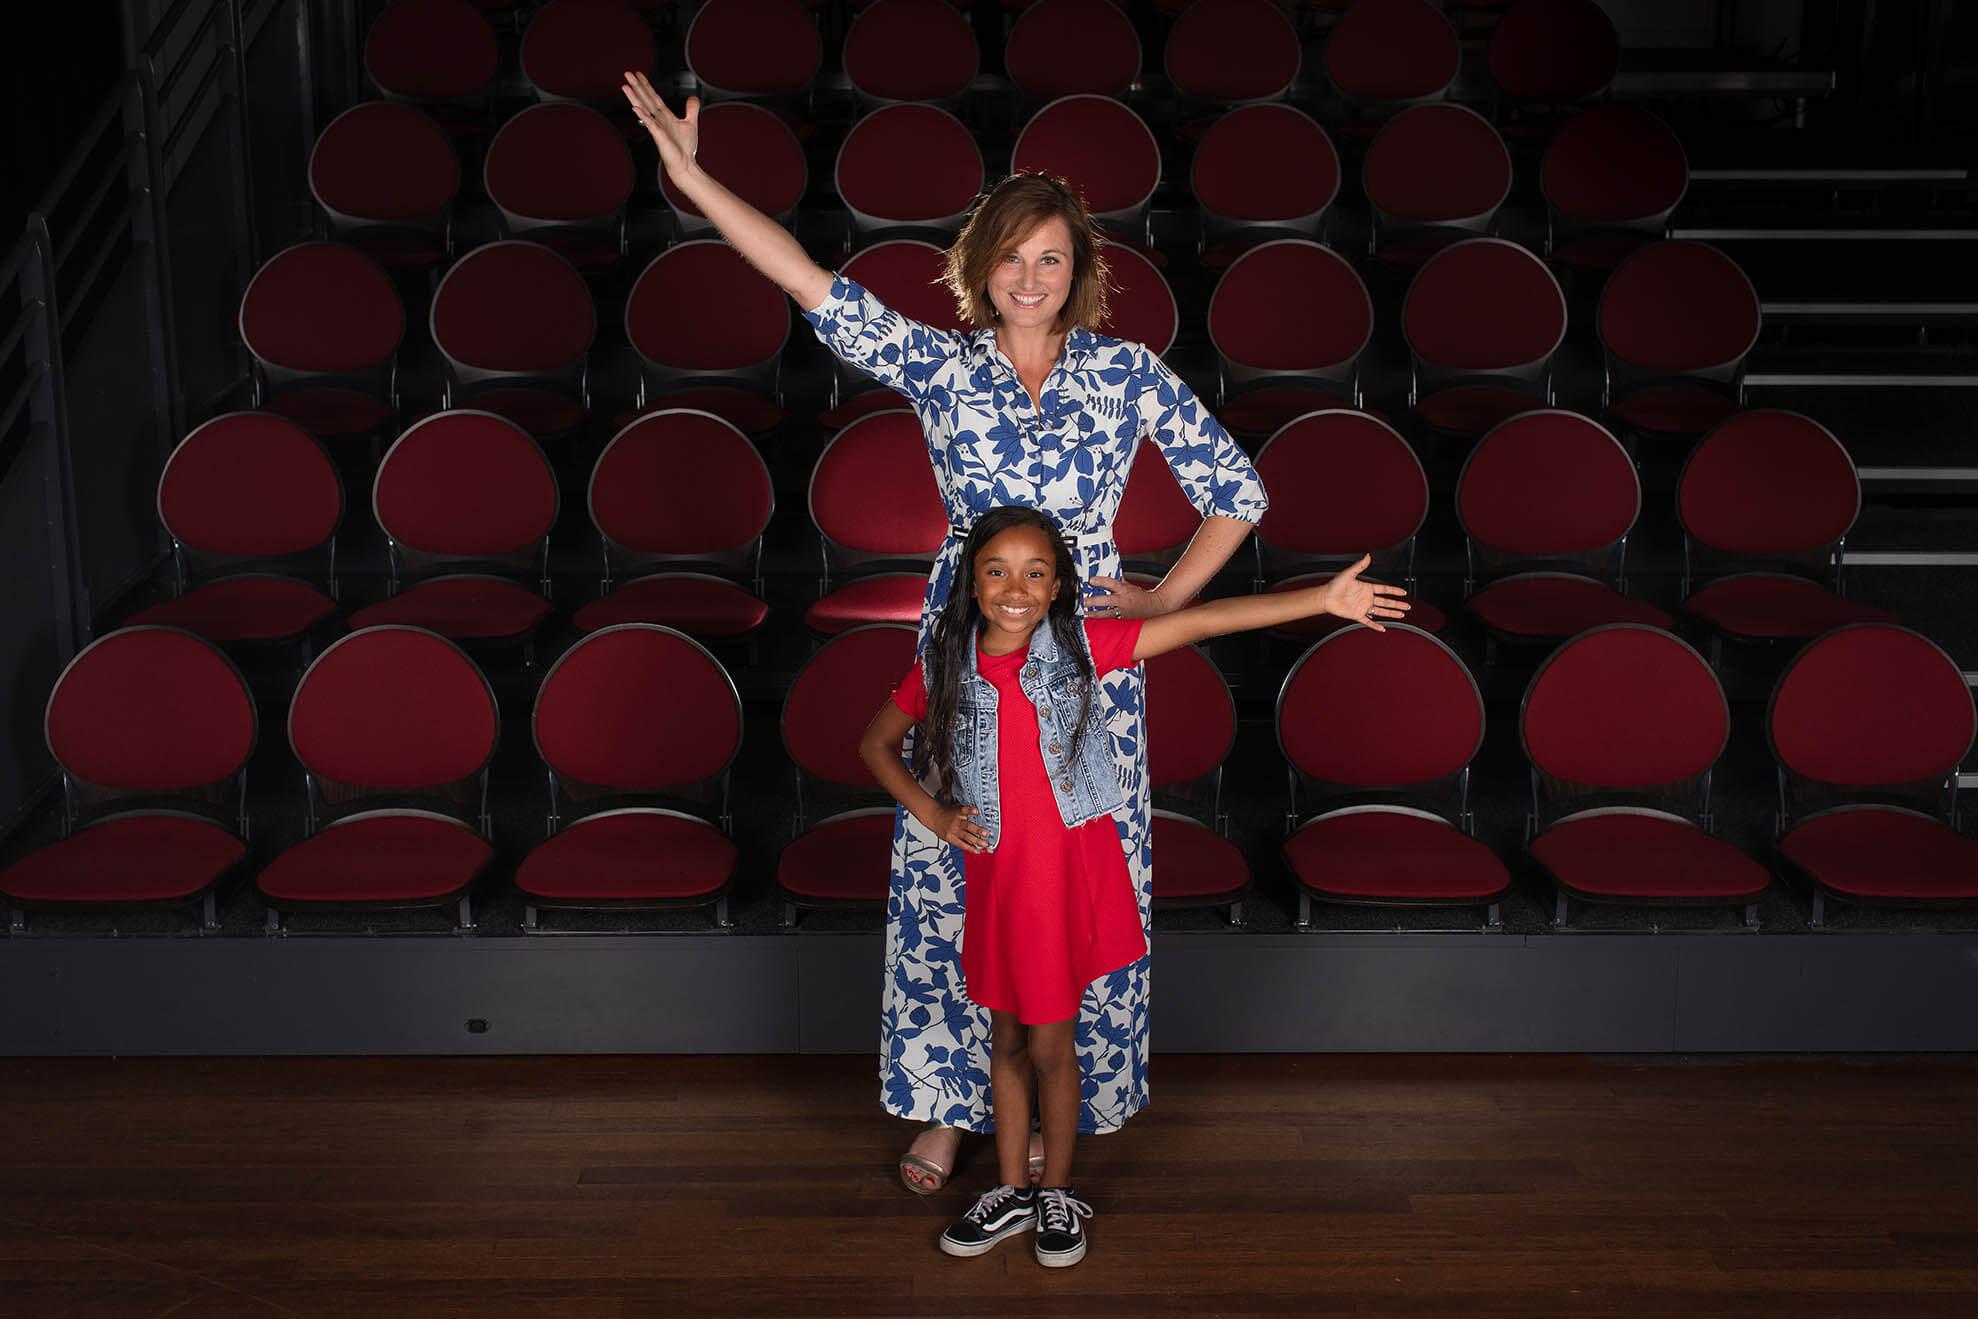 Rotterdam, 26-06-2019 Musical actrice Brigitte Heitzer, ambassadeur van het Jeugdfonds Sport & Cultuur. Foto: Bastiaan Heus